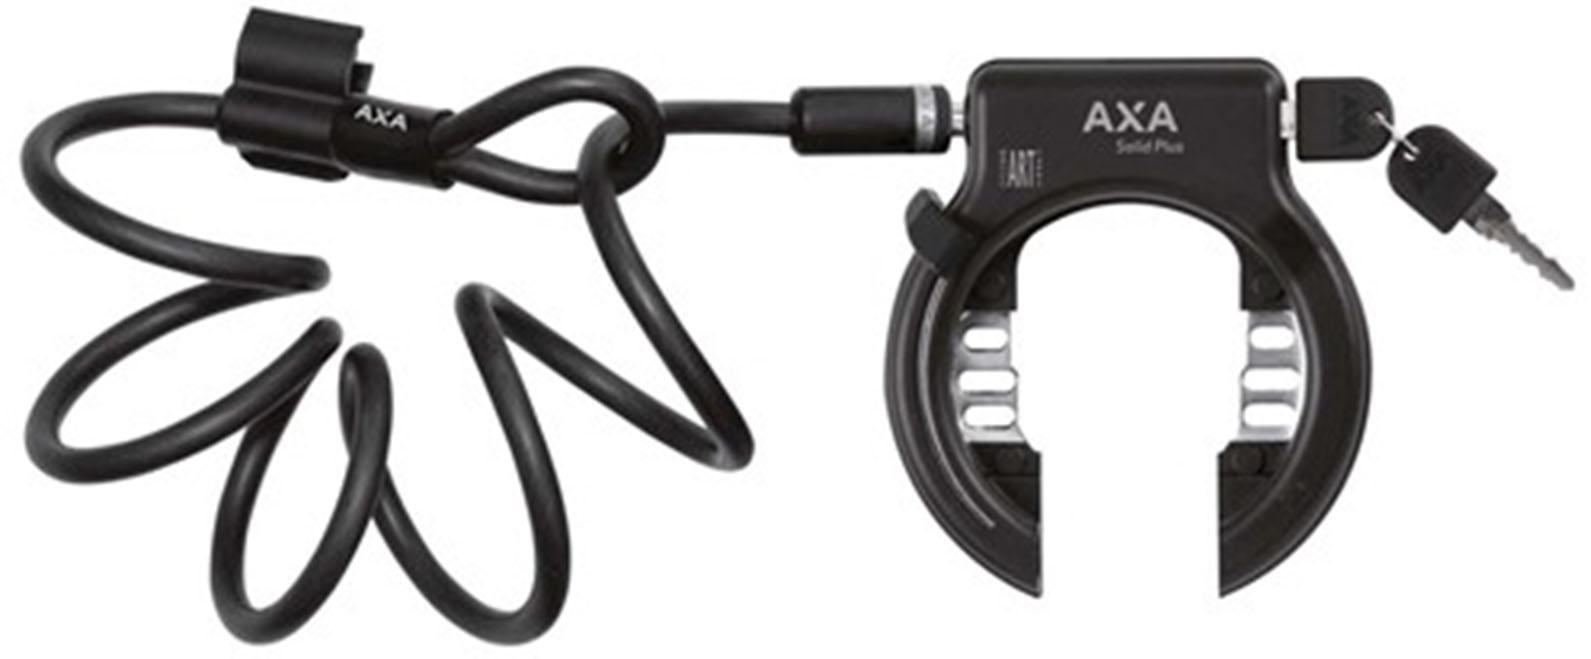 AXA Rahmenschloss SolidPlus Technik & Freizeit/Sport & Freizeit/Fahrräder & Zubehör/Fahrradzubehör/Fahrradschlösser/Rahmenschlösser